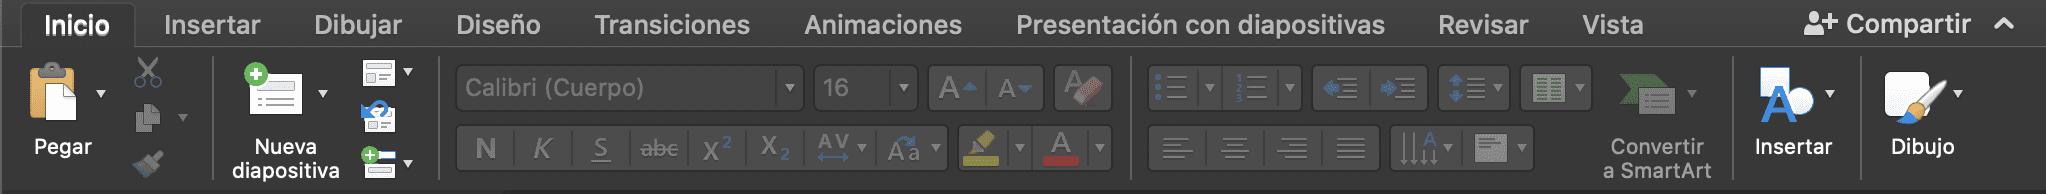 Cómo usar PowerPoint: añadir más elementos